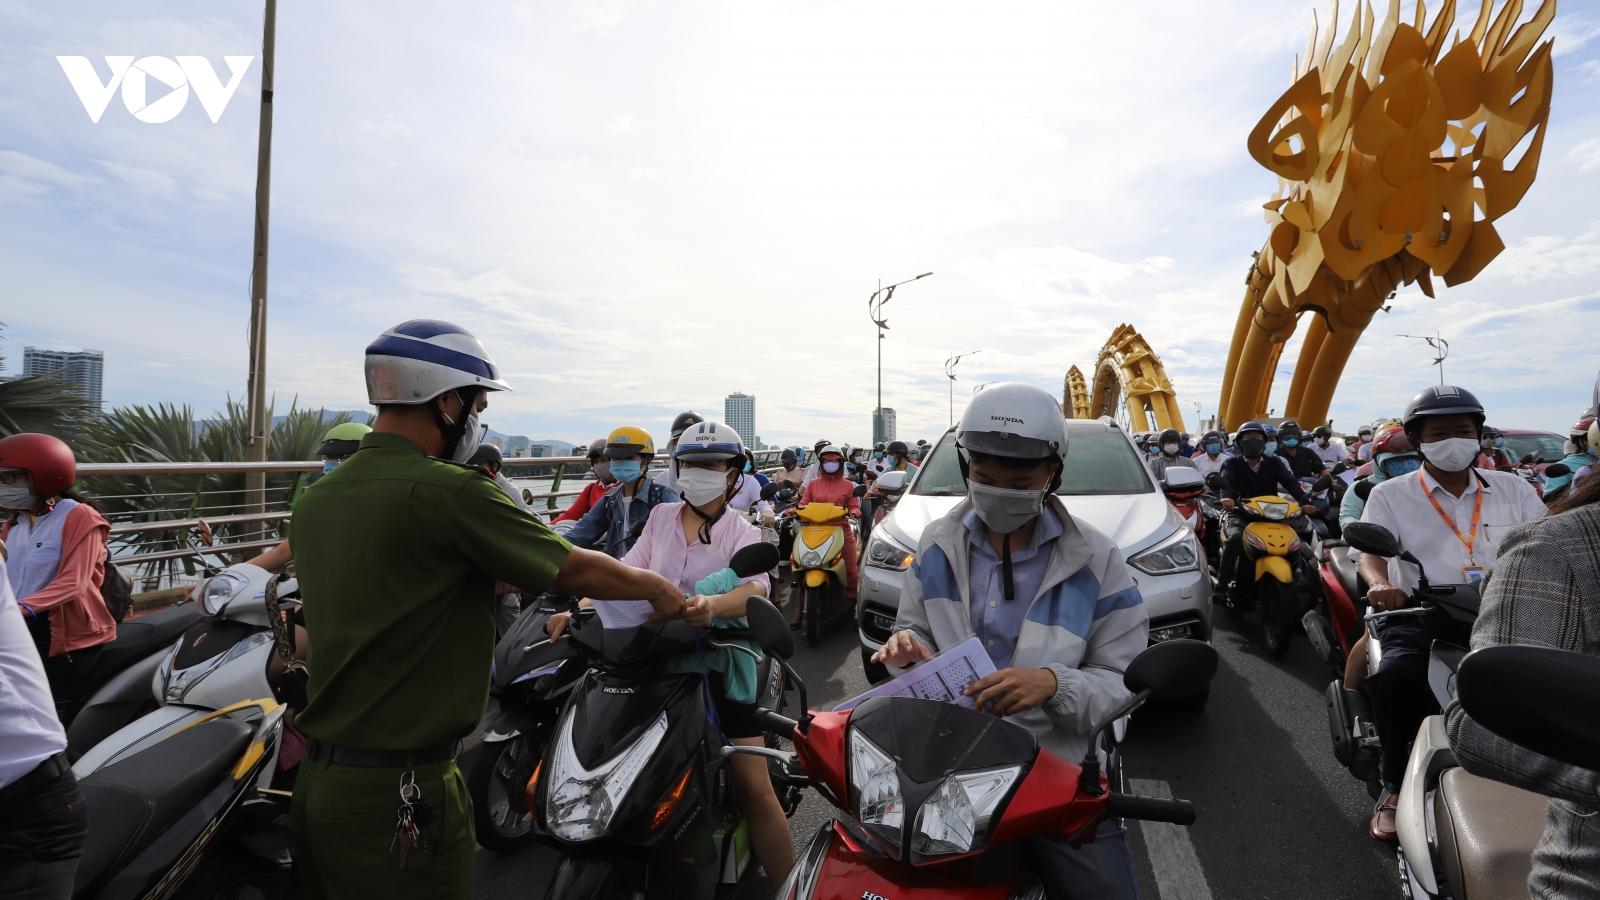 Đà Nẵng chấn chỉnh việc cấp Giấy đi đường